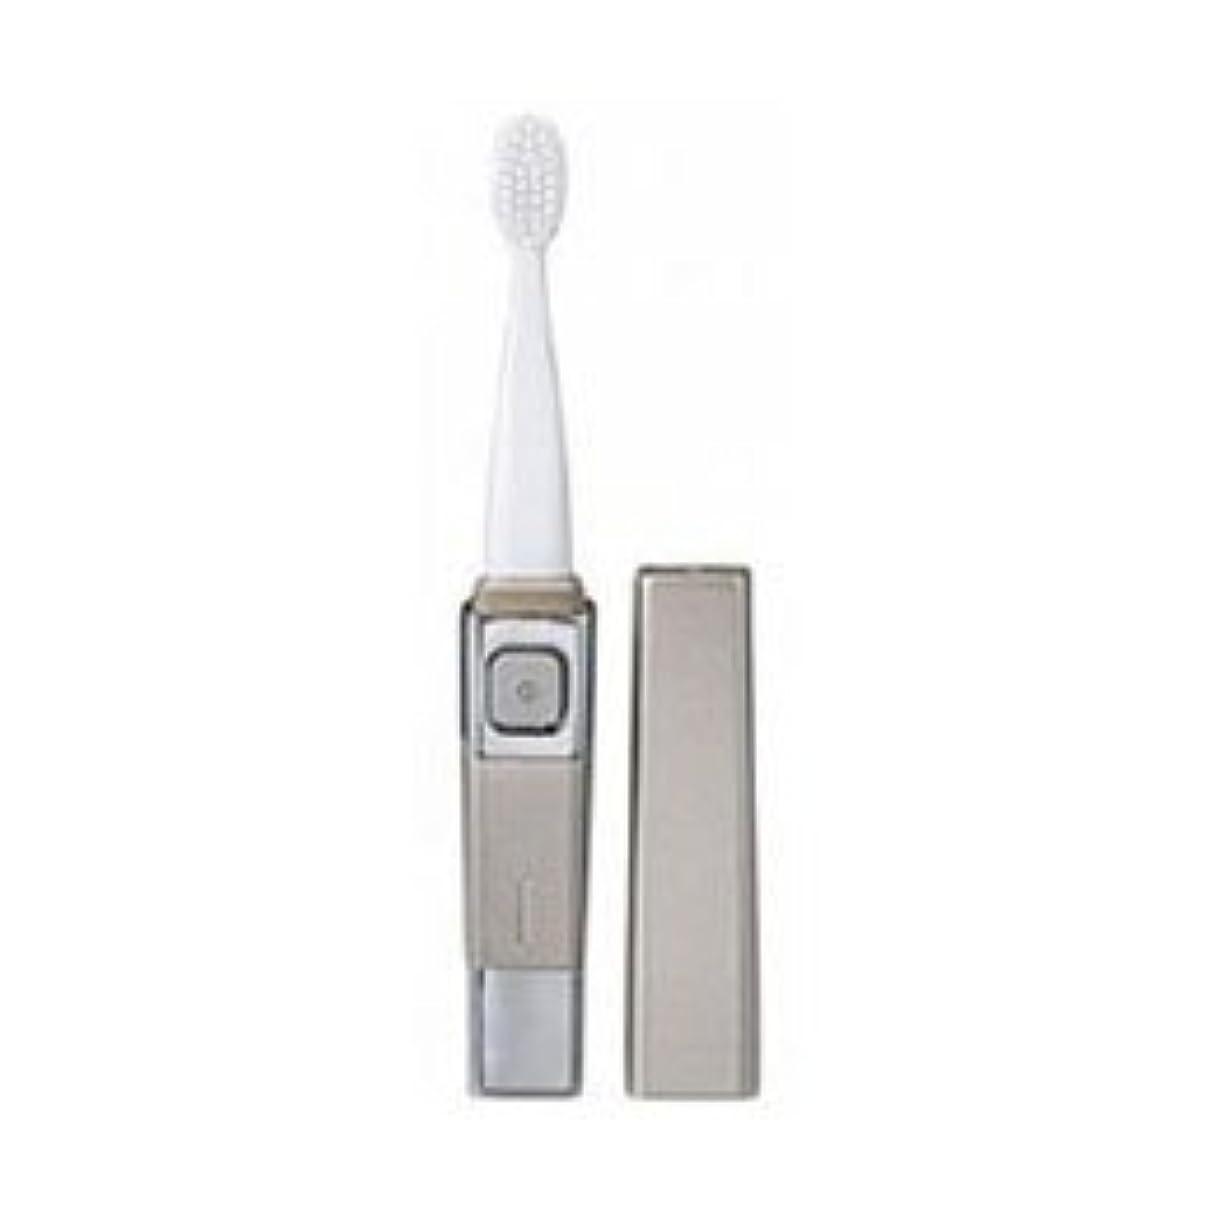 動機優雅不調和(4個まとめ売り) ツインバード 音波振動歯ブラシ シャンパンゴールド BD-2755G